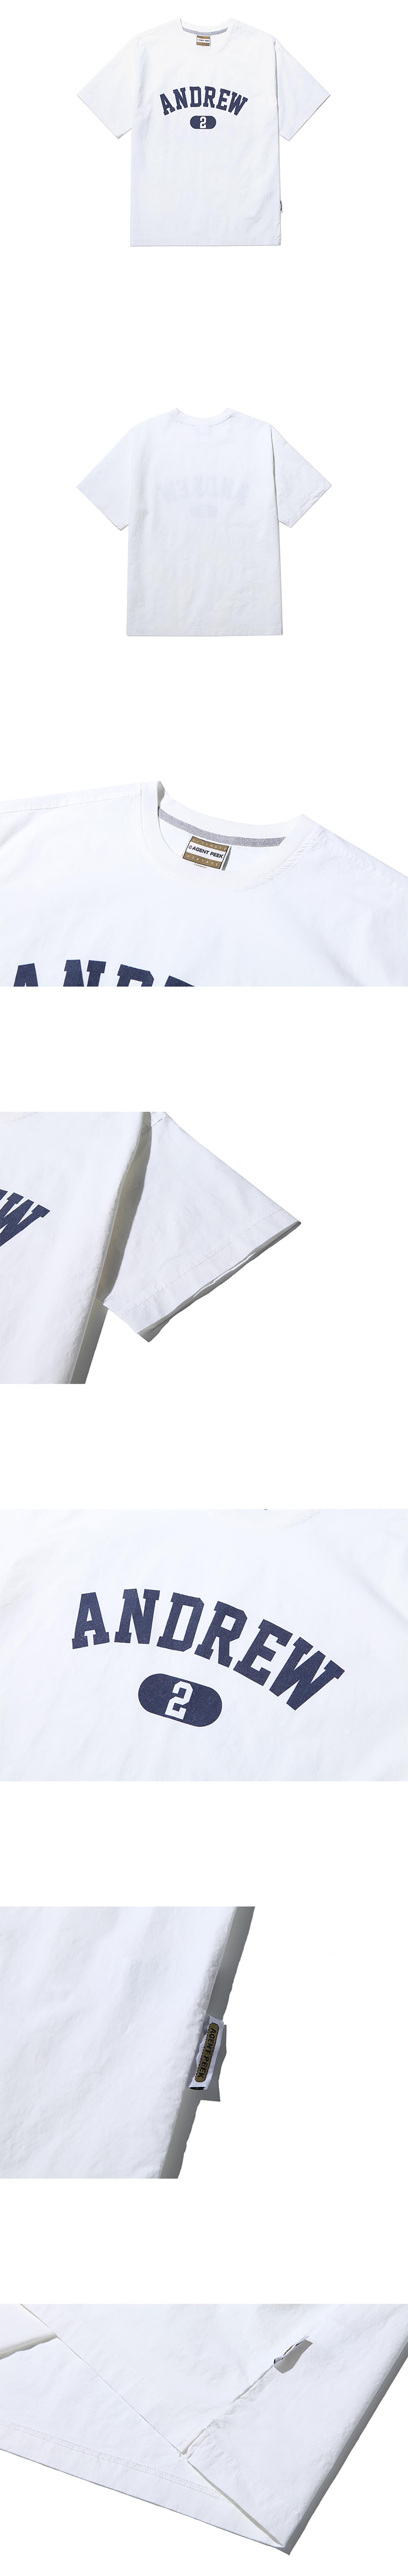 엔드류+크루넥+티셔츠_화이트+6.jpg